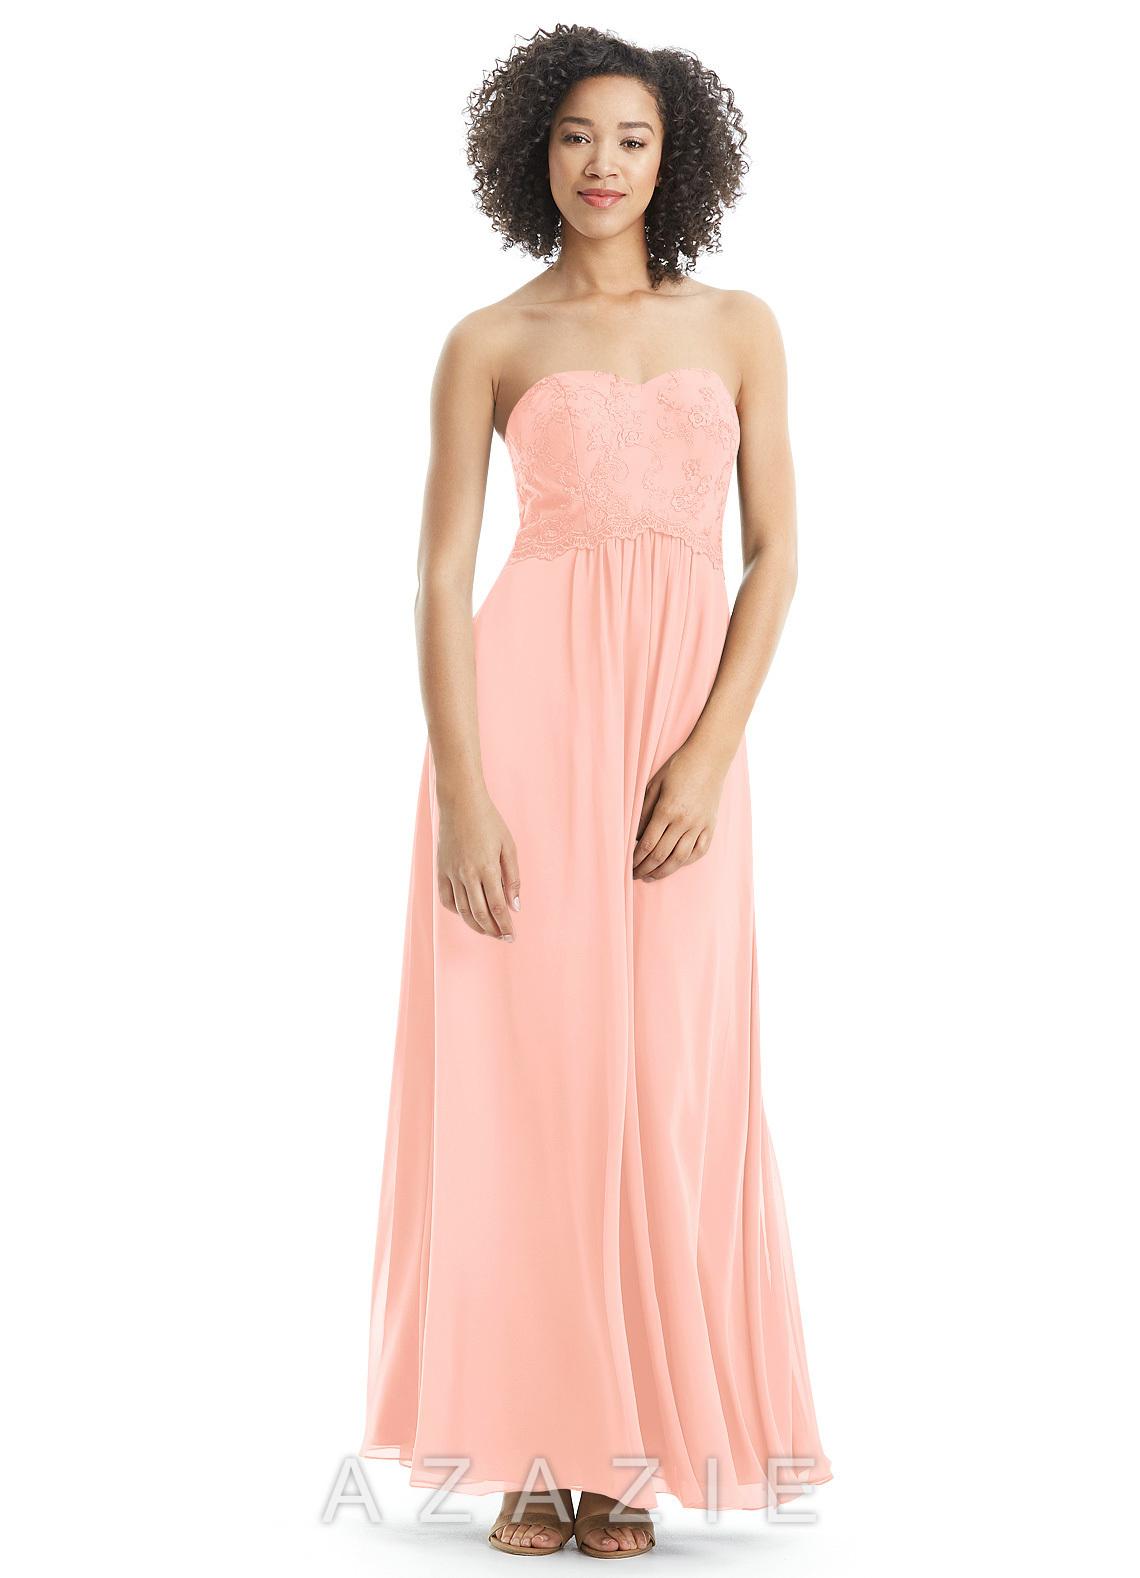 d708e69a92c Azazie Maryjane Bridesmaid Dresses